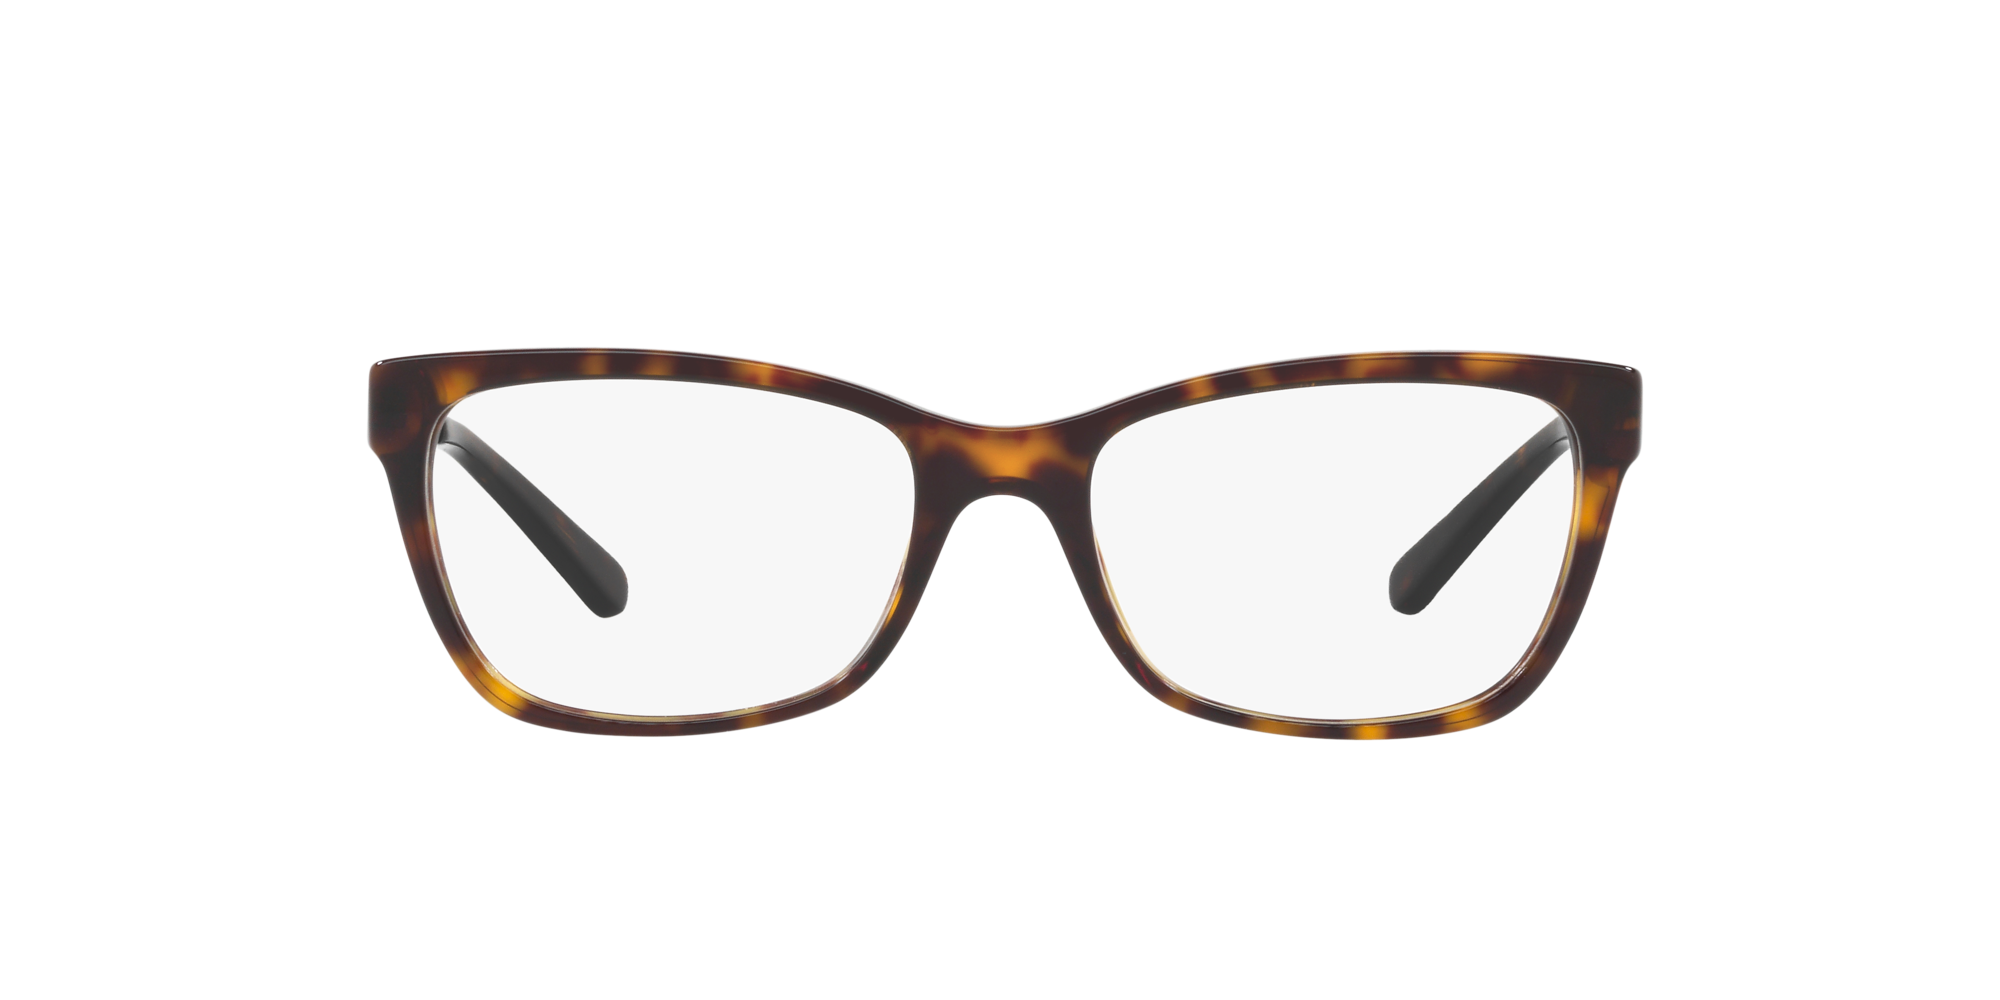 Imagen para MK4050 MARSEILLES de LensCrafters    Espejuelos, espejuelos graduados en línea, gafas